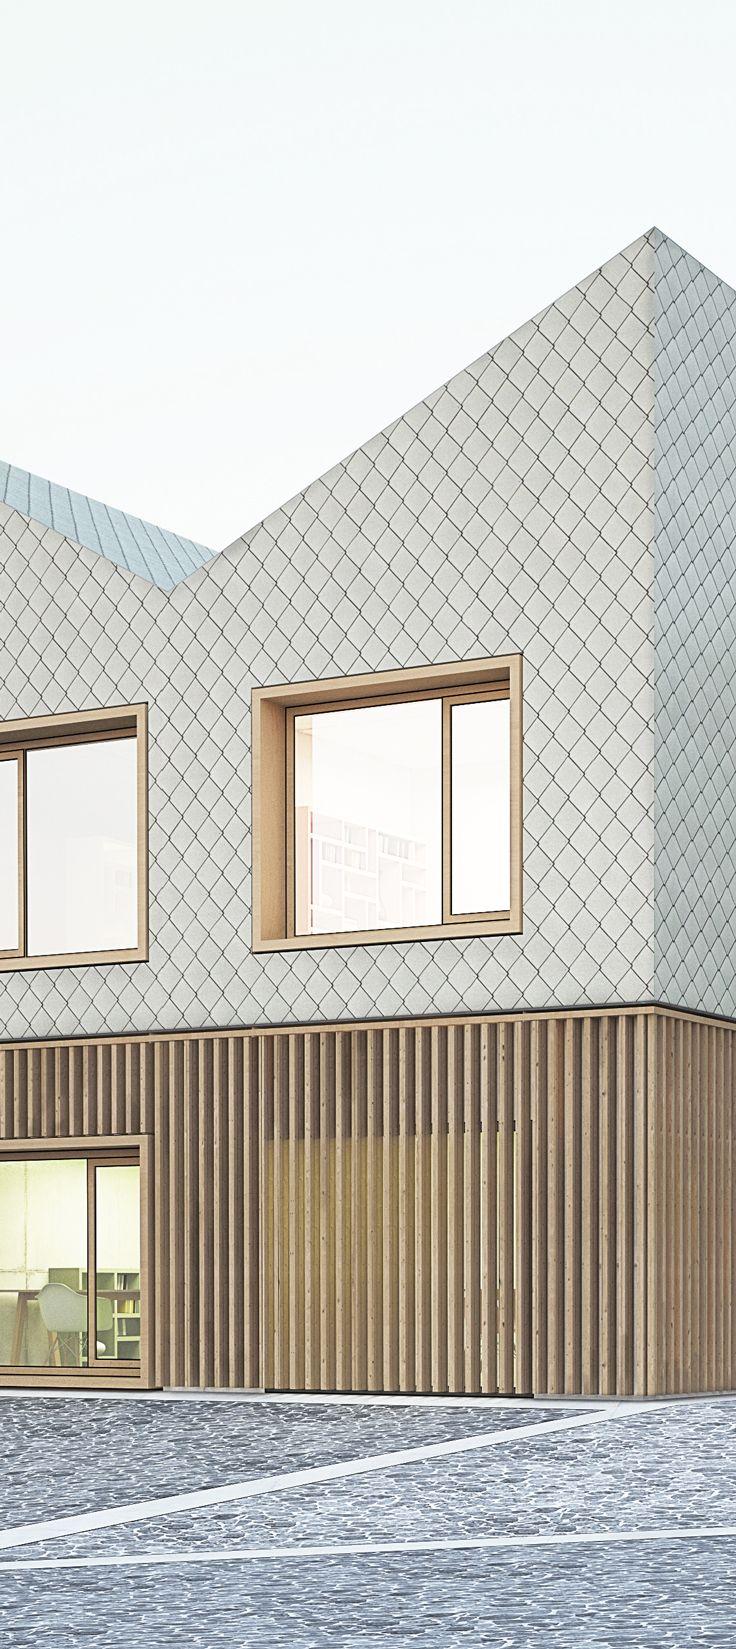 Haus Der Kleinen Füße, Wettbewerb, 1. Preis | Michels Architekturbüro  Georgsmarienhütte Lamellenverkleidung Aus Holz Holzfassade Rautenförmigen  Metu2026